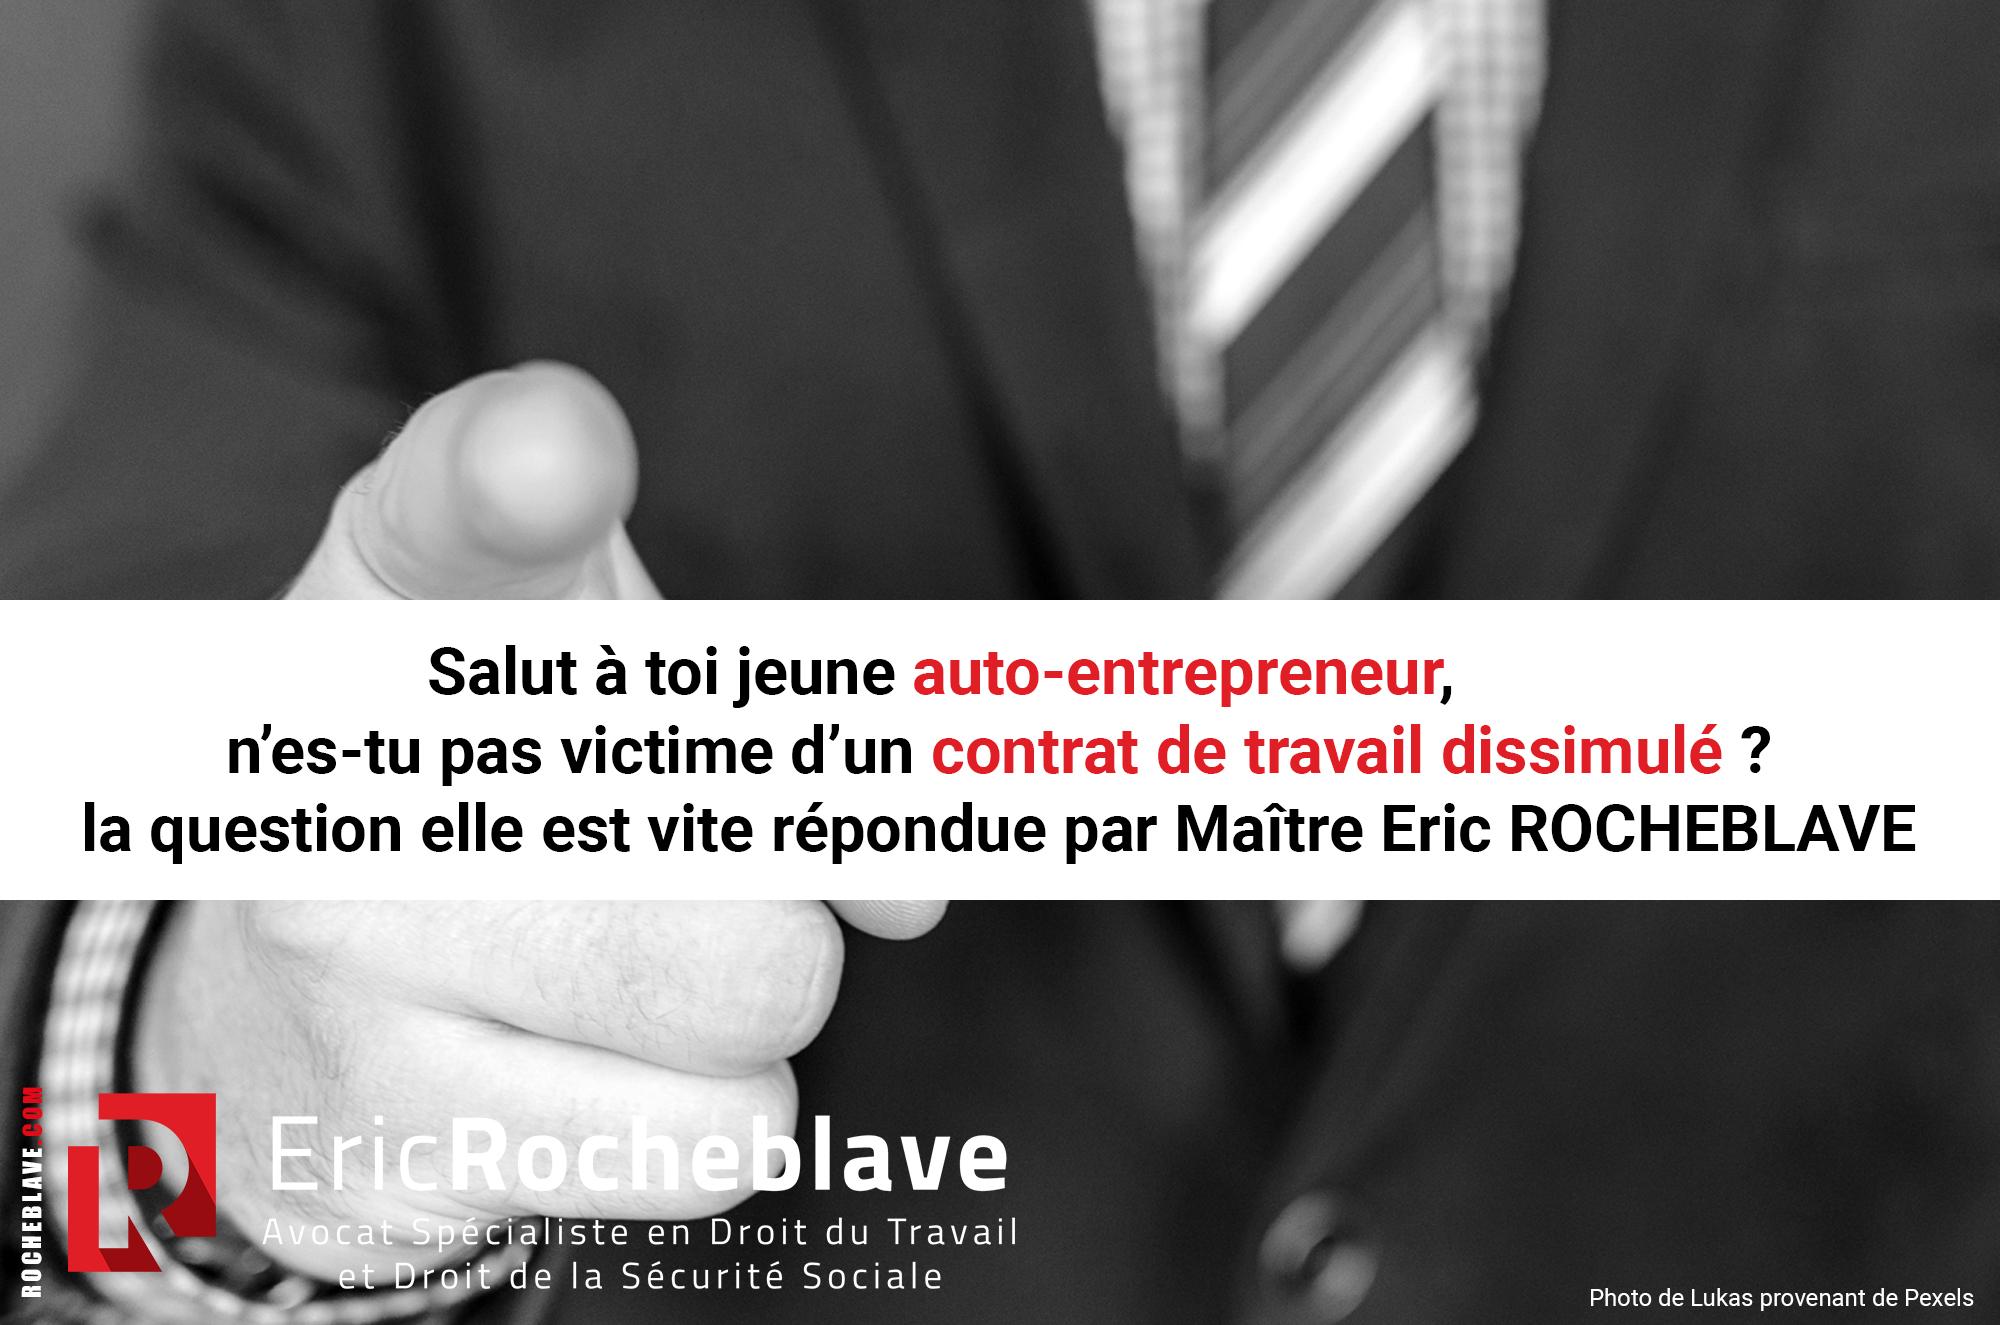 Salut à toi jeune auto-entrepreneur, n'es-tu pas victime d'un contrat de travail dissimulé ? La question elle est vite répondue par Maître Eric ROCHEBLAVE